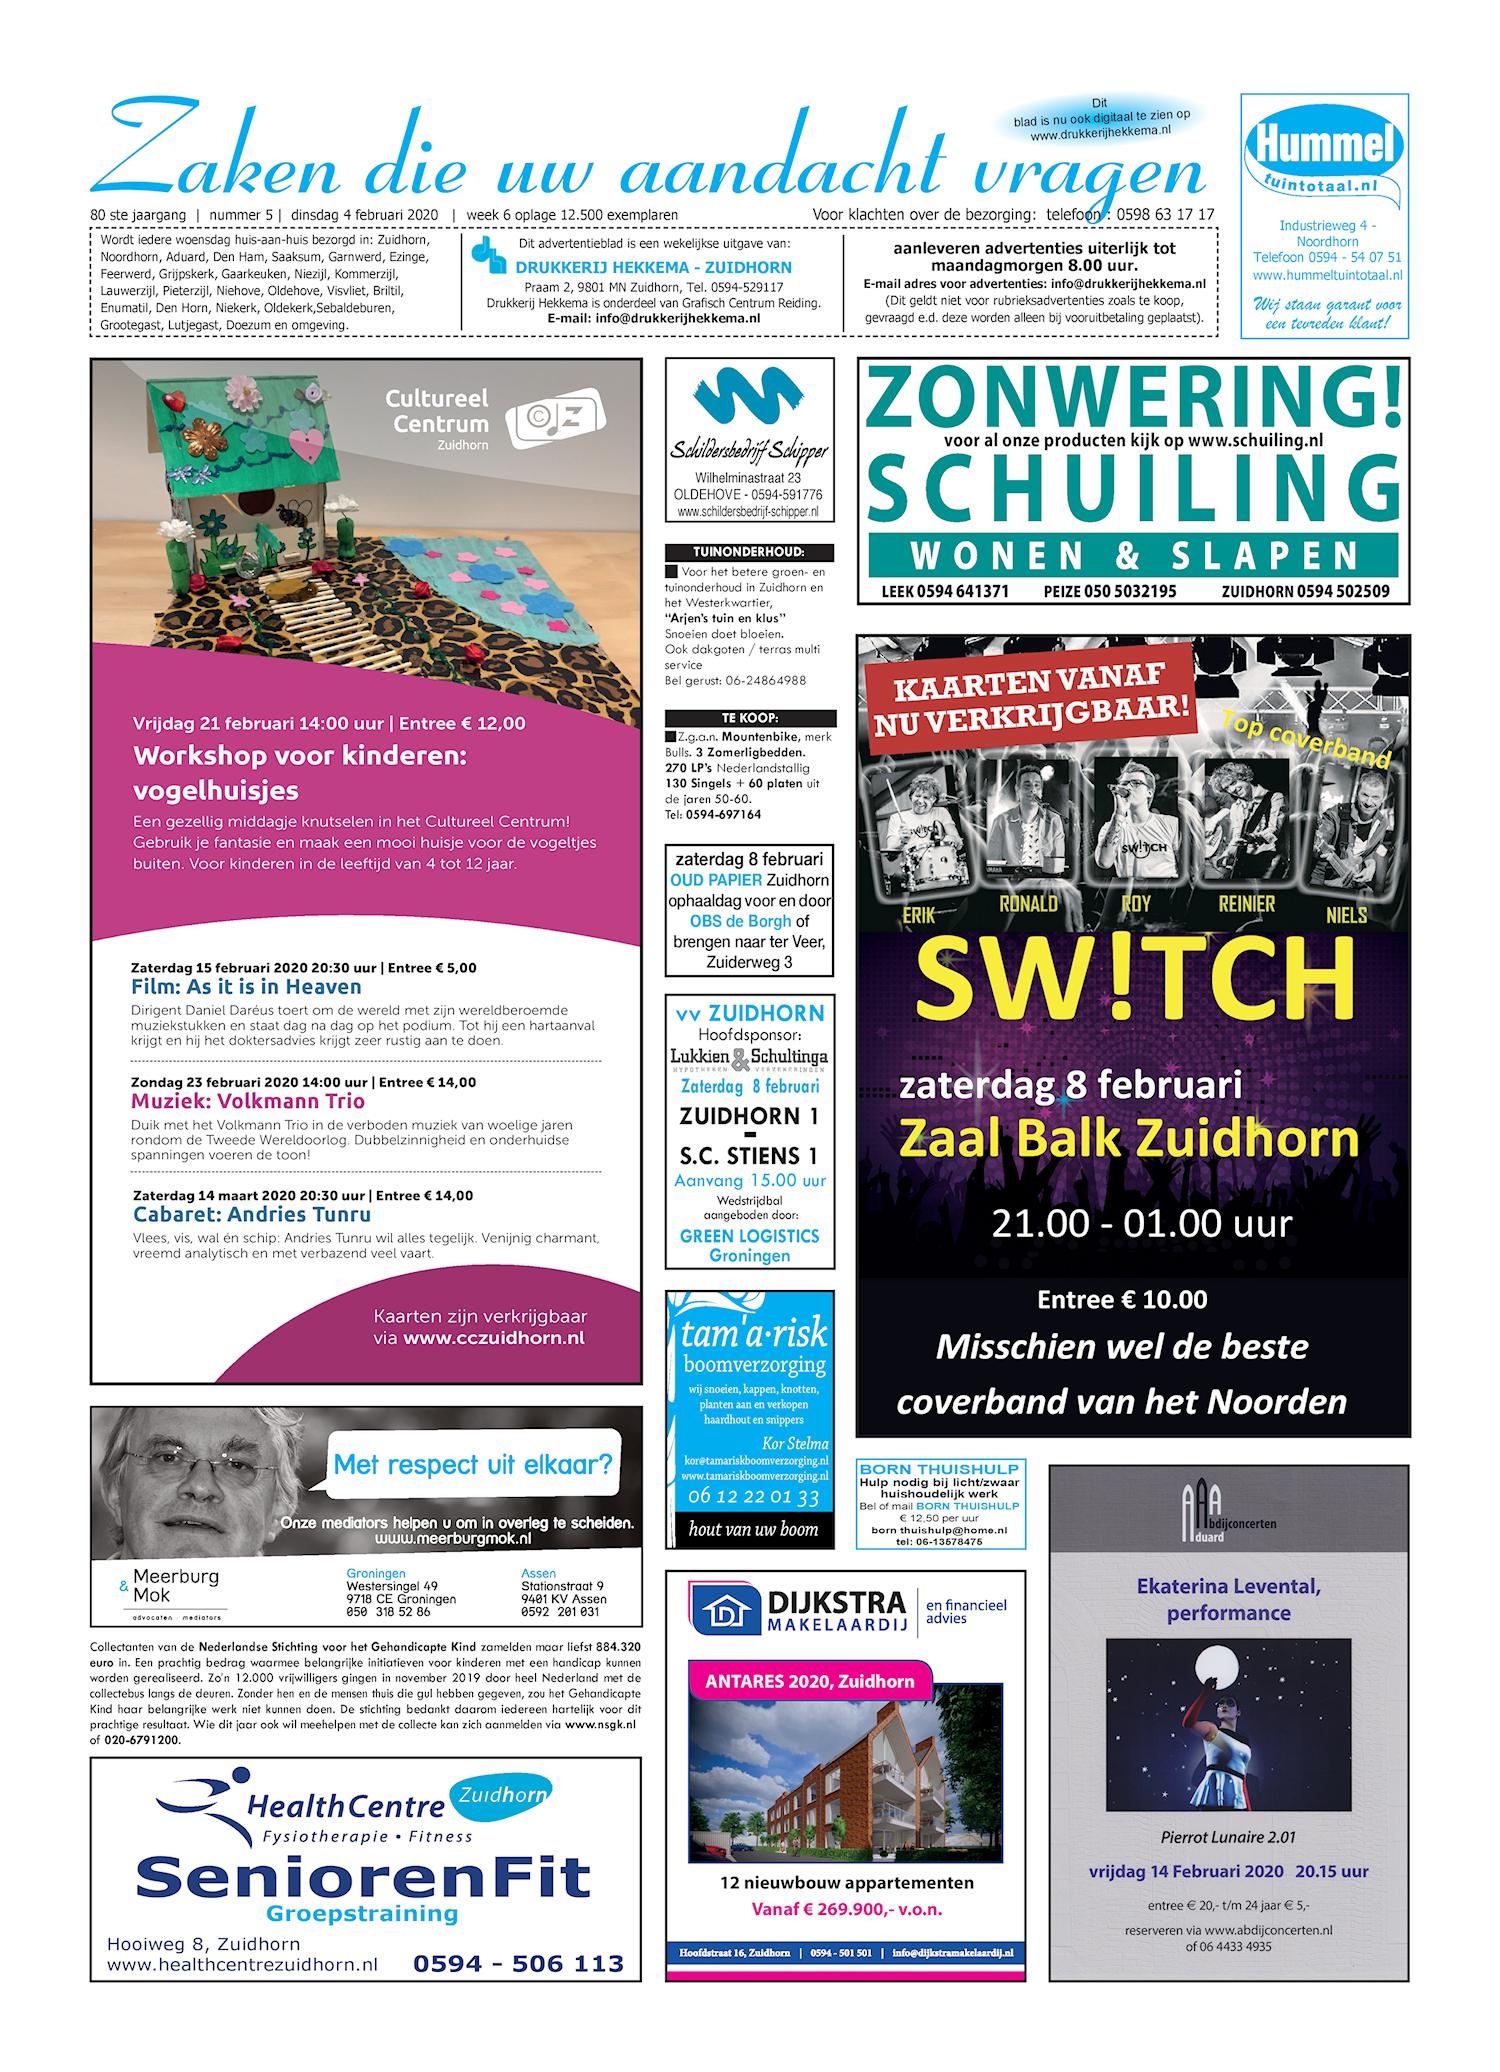 Drukkerij Hekkema - Zuidhorn - Zaken die uw aandacht vragen 2020 week 6